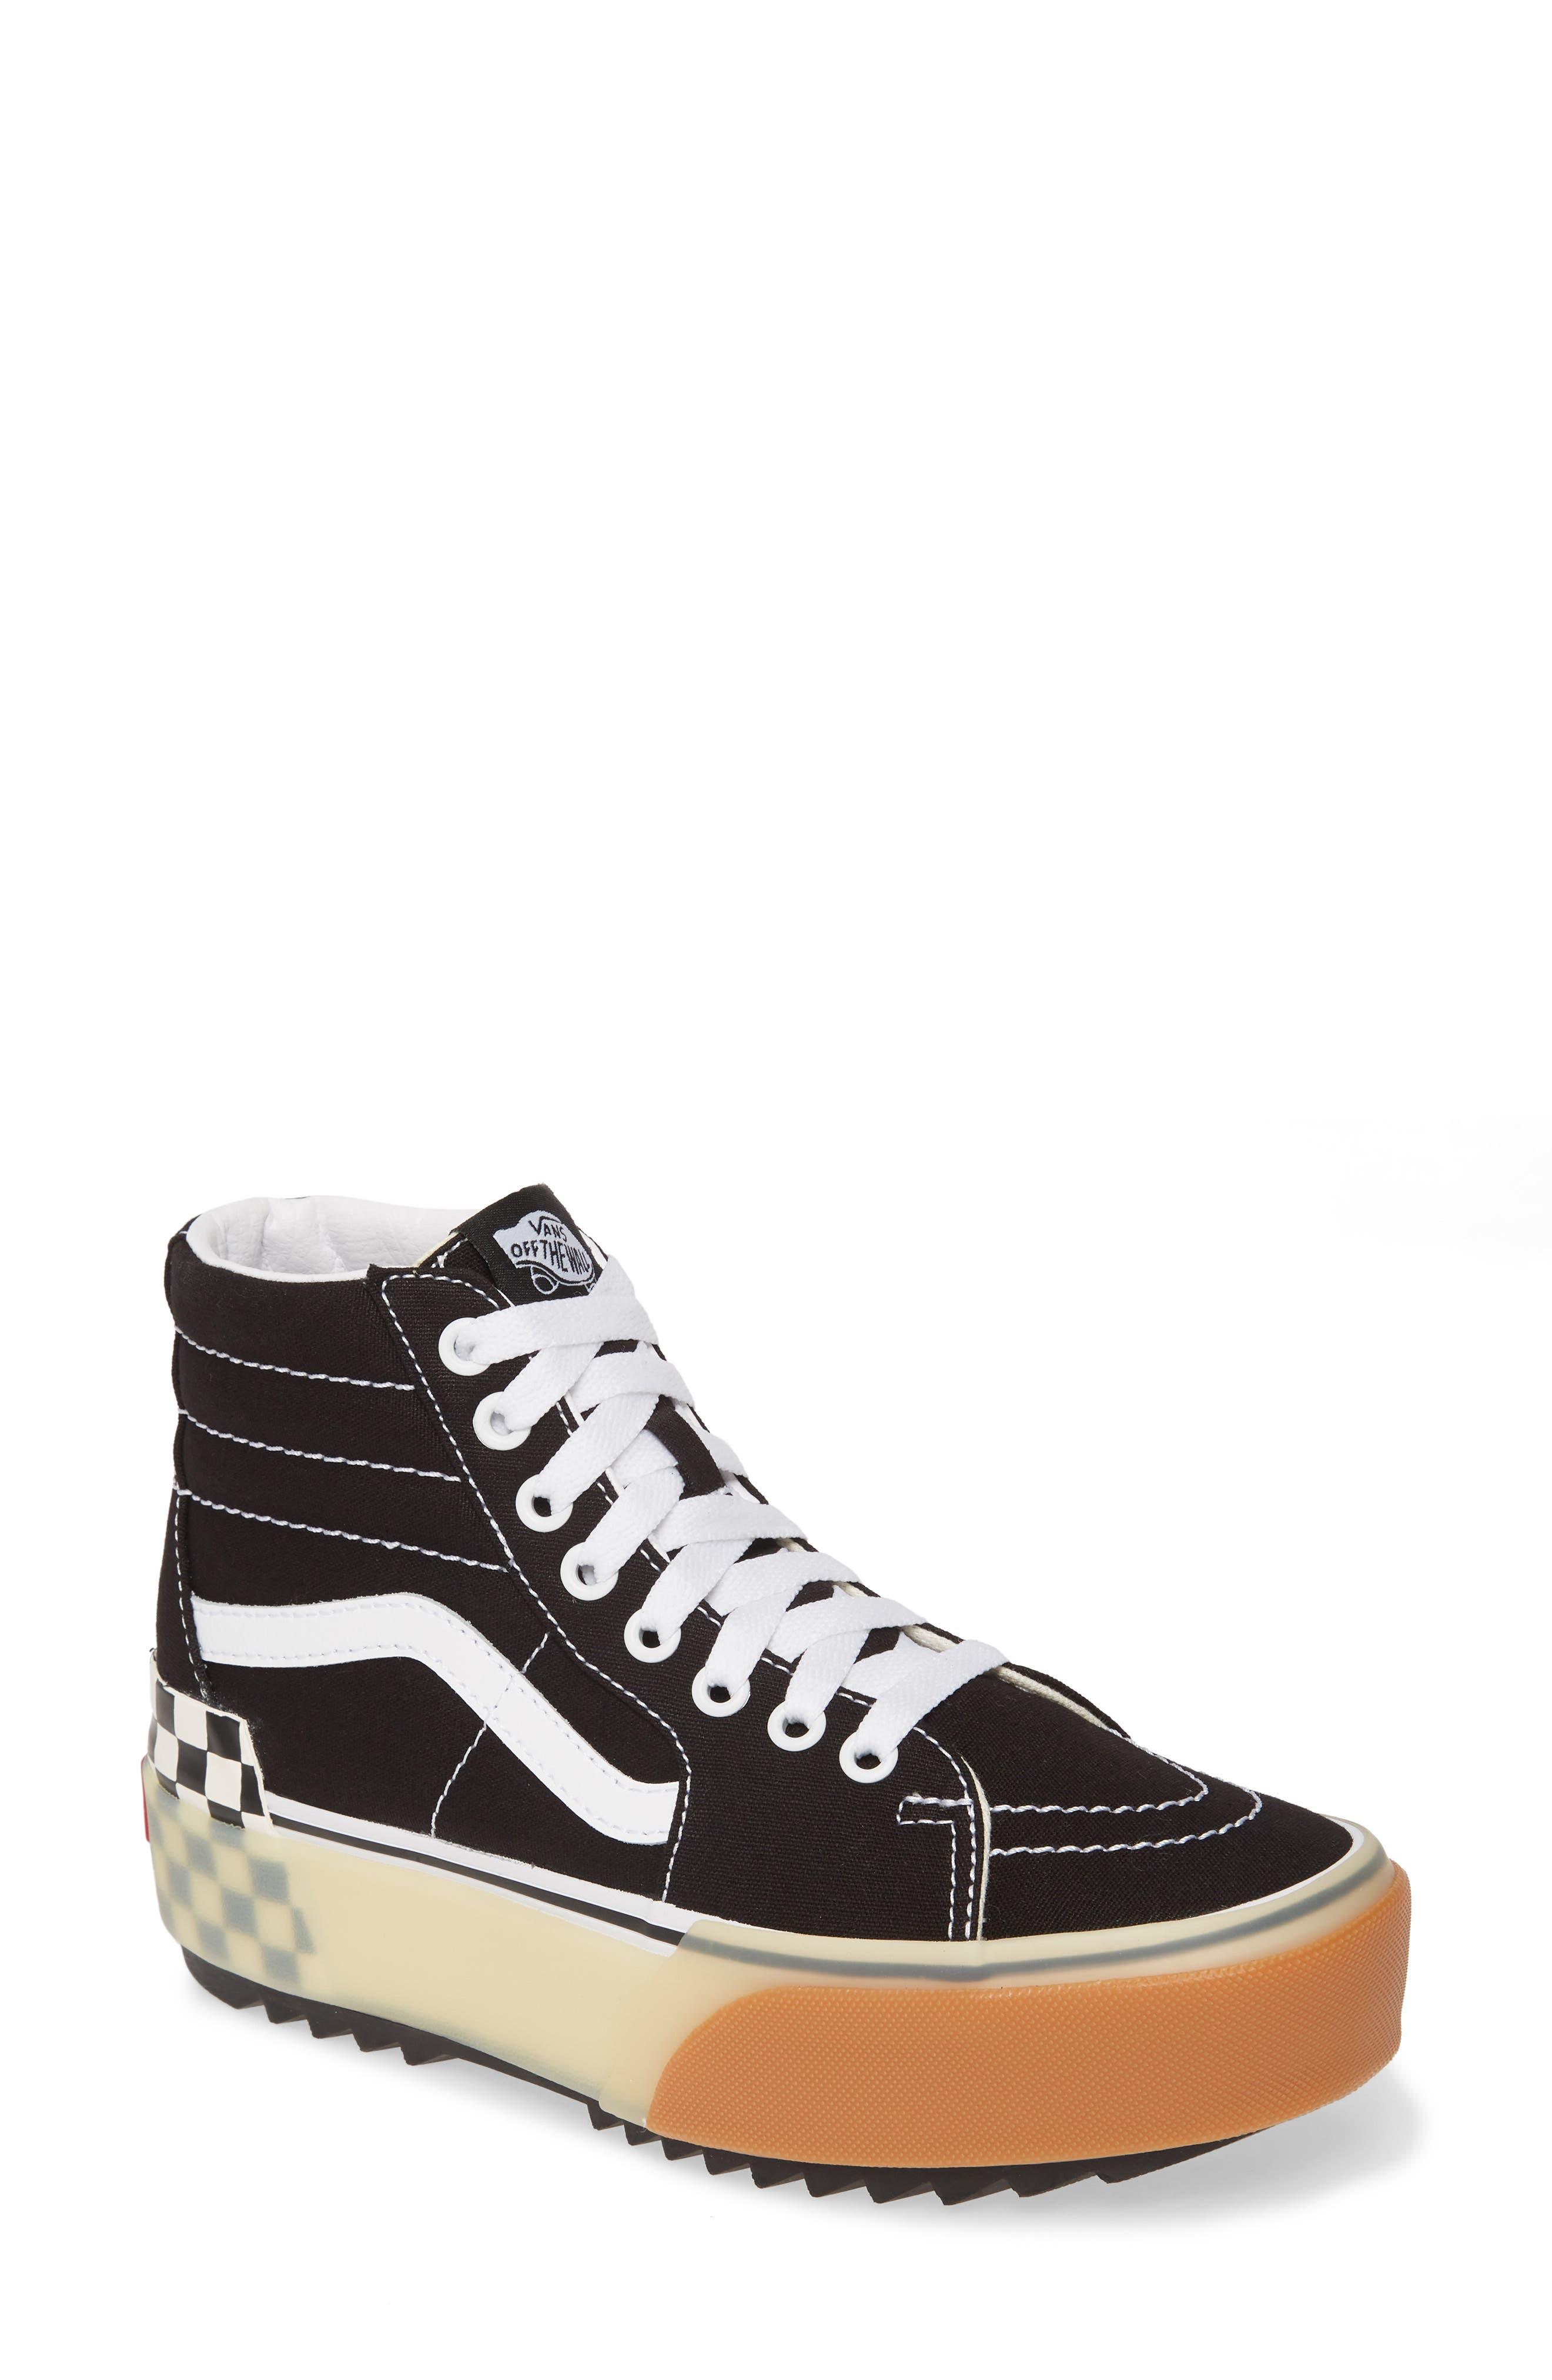 Vans Sk8-Hi Stacked Check Platform High Top Sneaker, Black